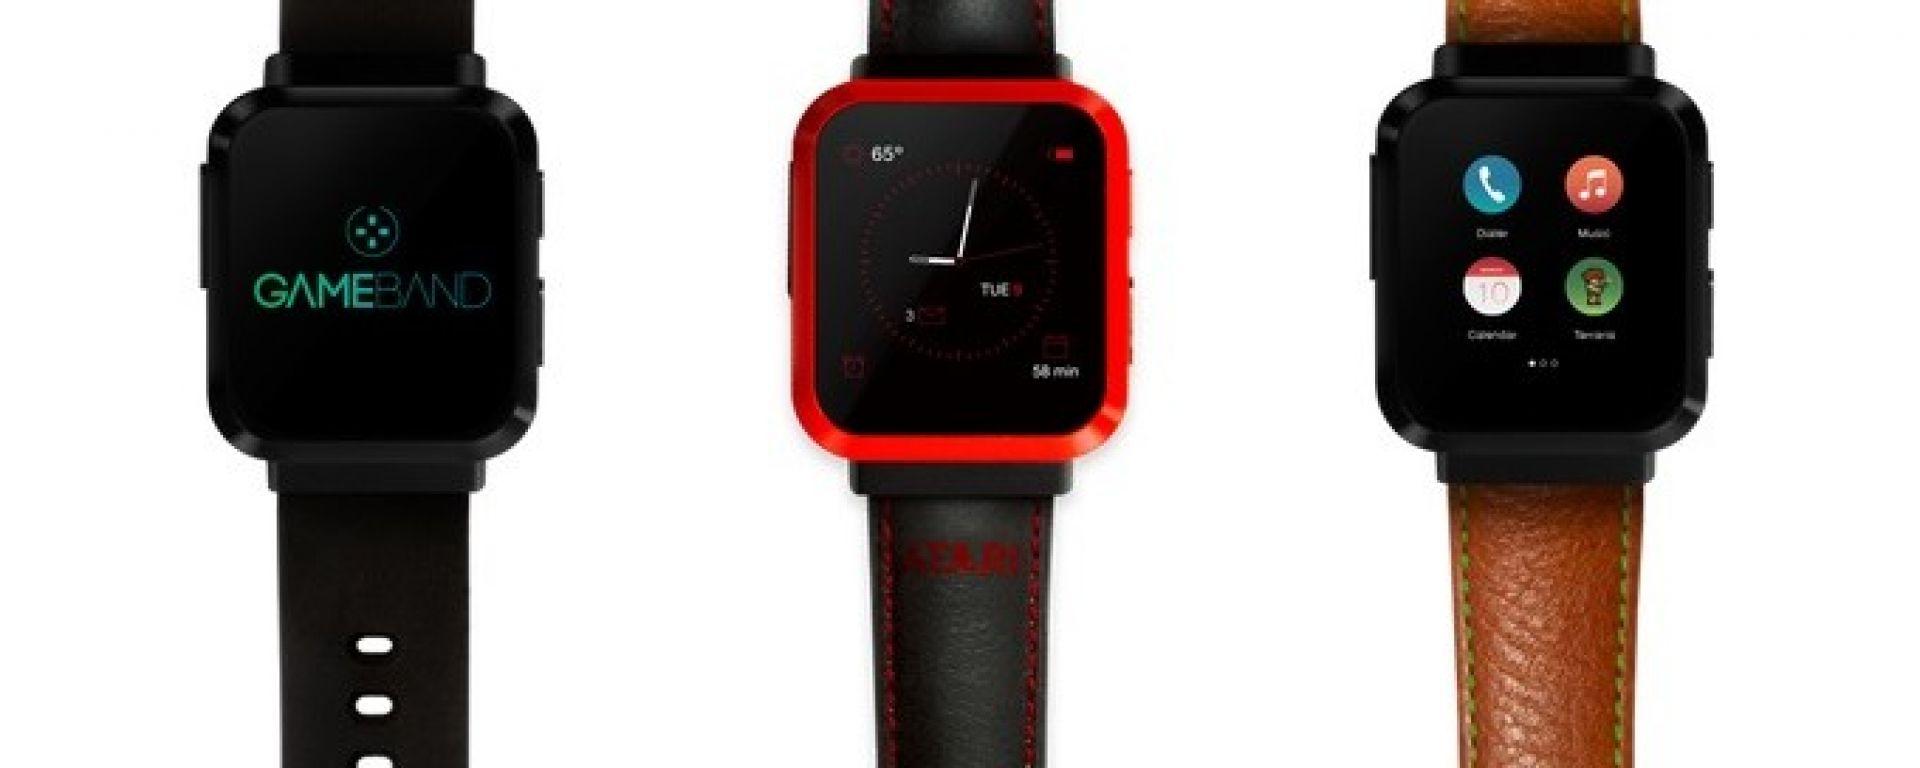 Gameband: lo smartwatch con i giochi dell'Atari